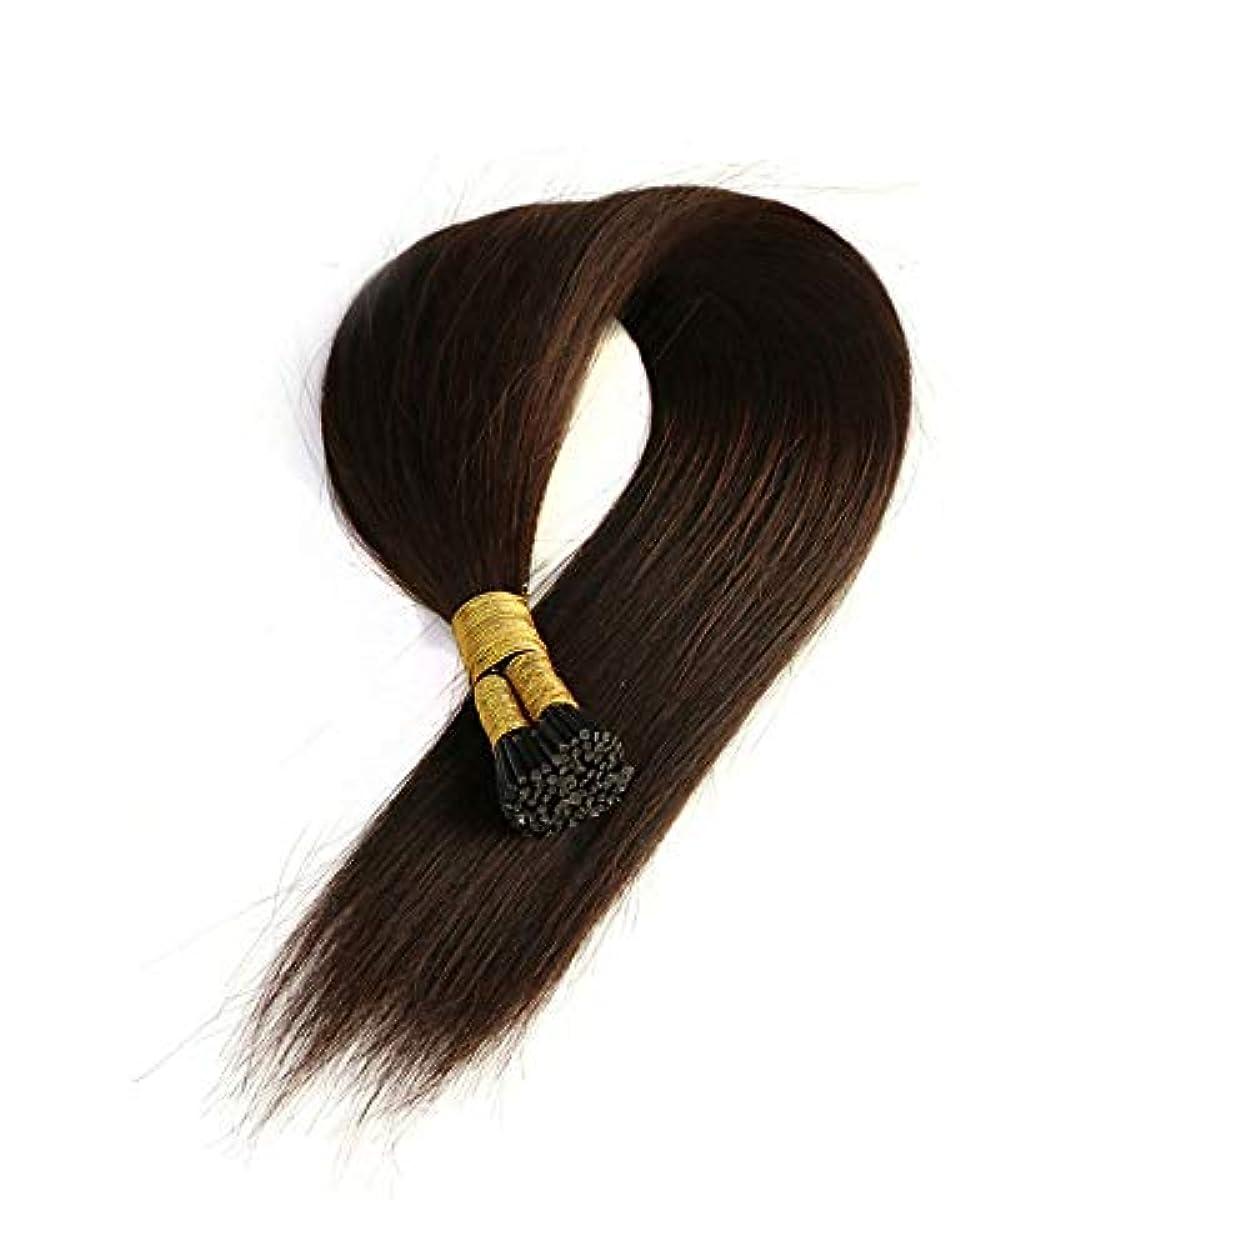 判定ピーク講師WASAIO パッケージ数当たりの変化髪型の50グラムのためのヘアエクステンションクリップ裏地なし人間を (色 : 黒, サイズ : 40cm)